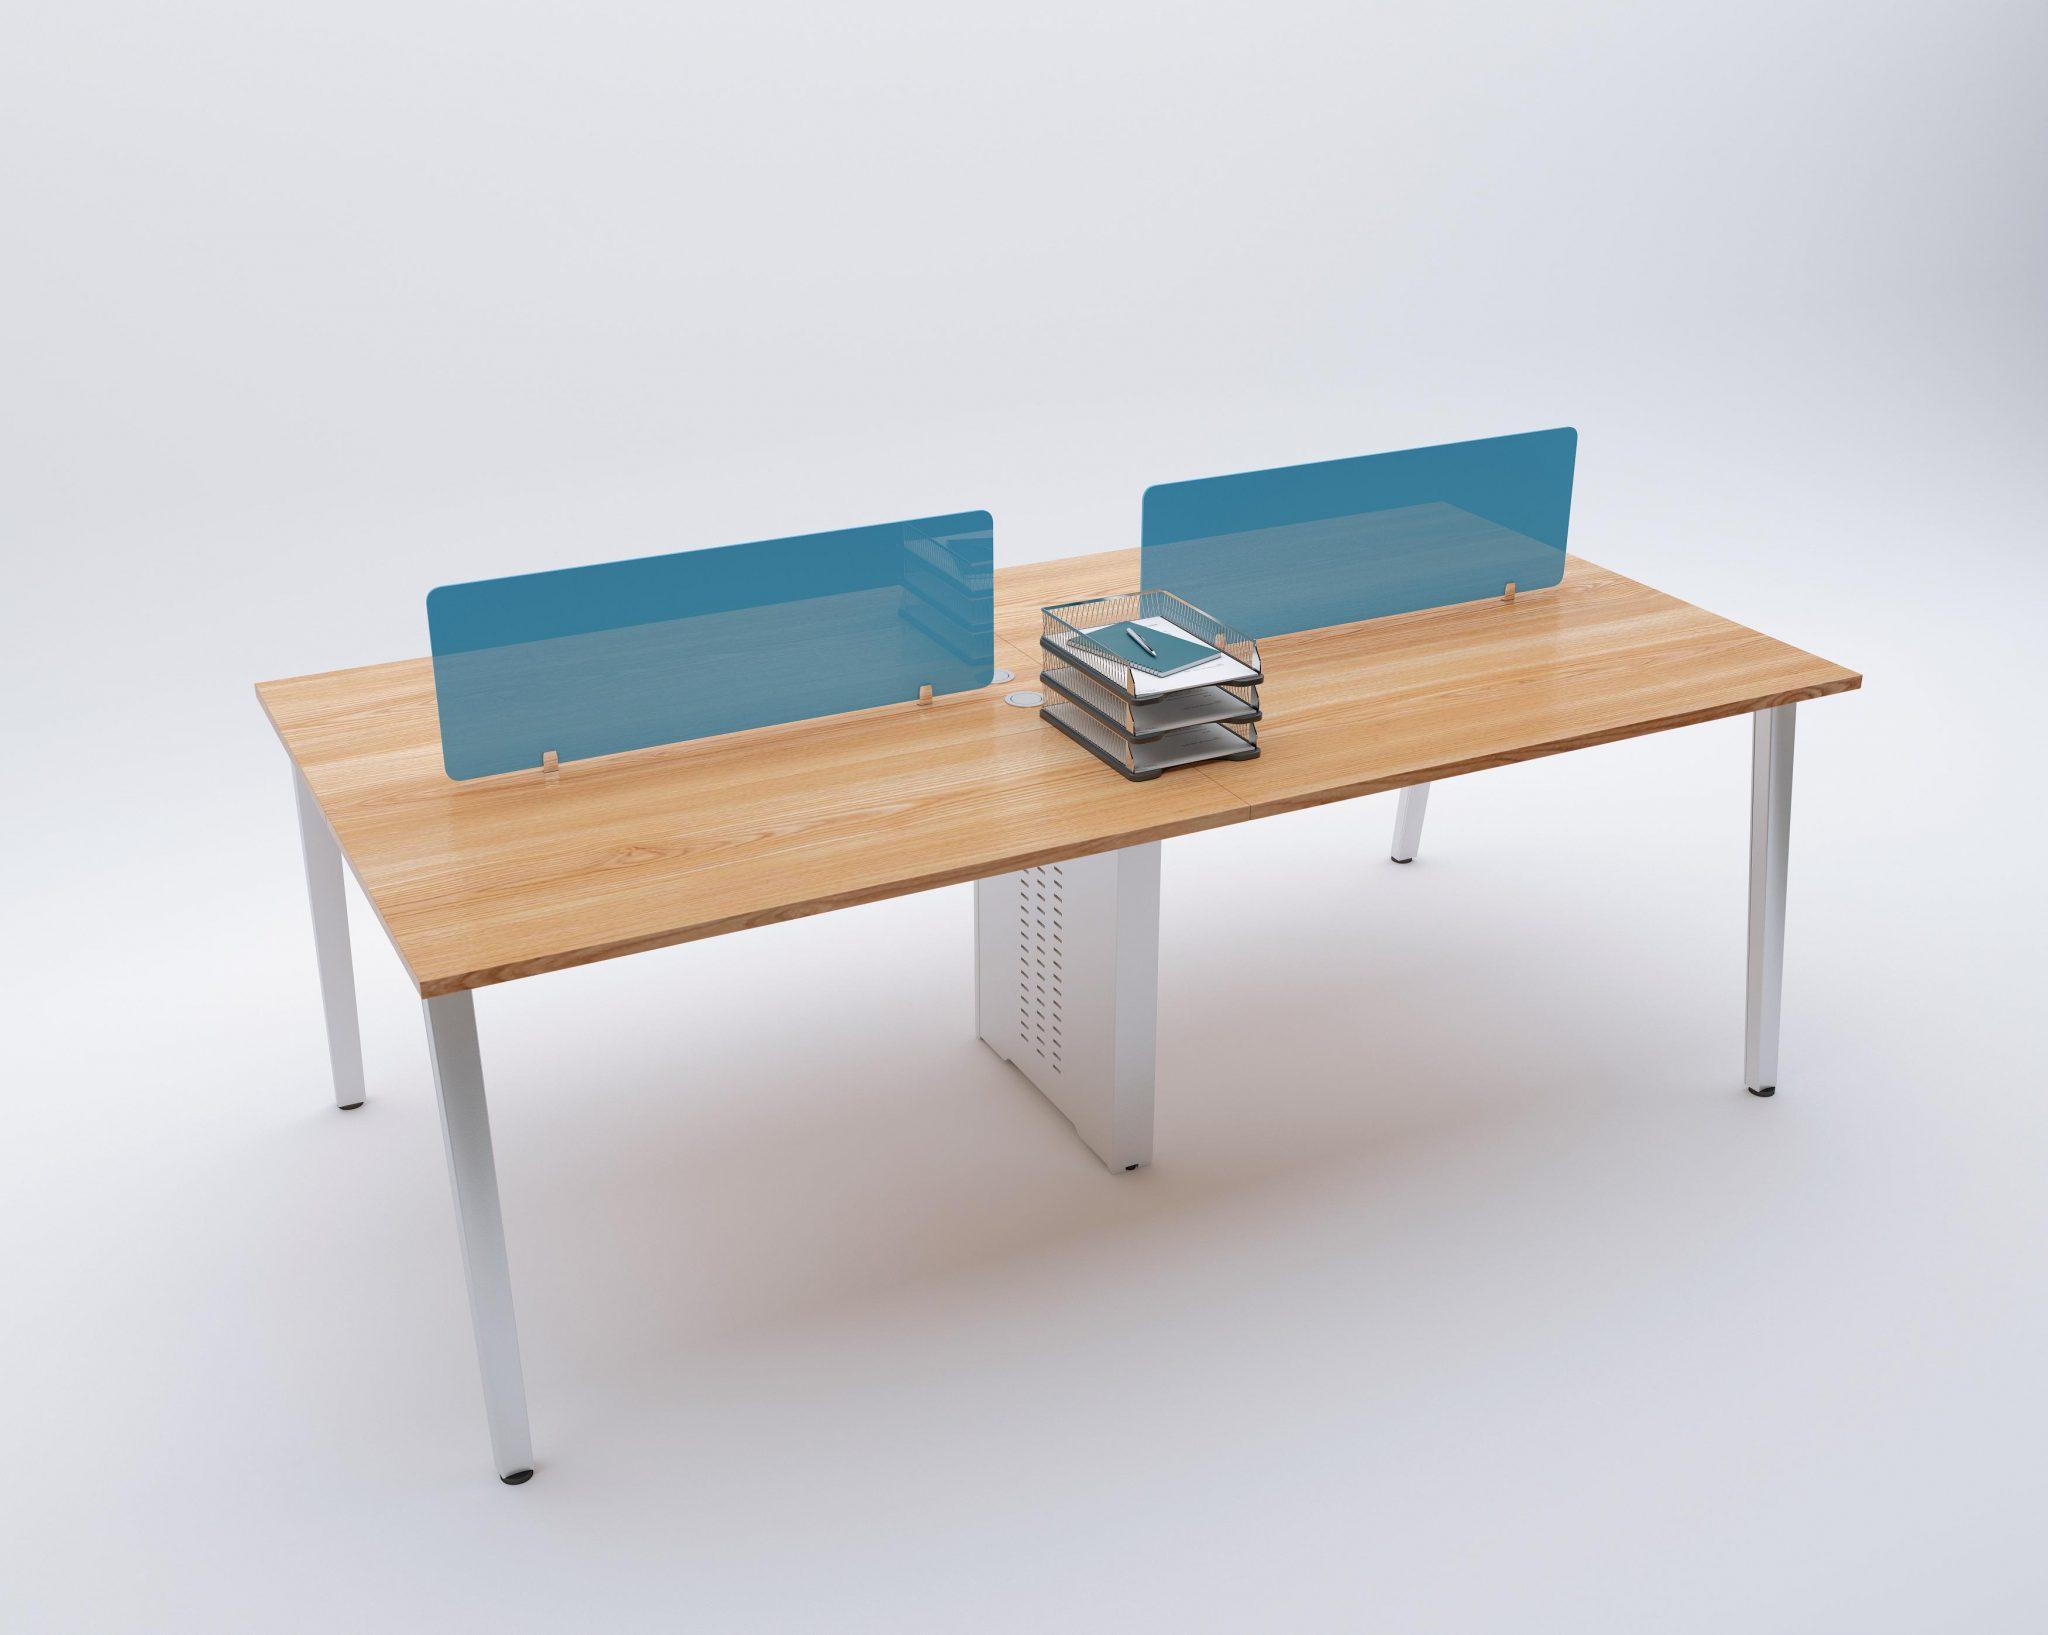 Tổng hợp 6 mẫu bàn văn phòng làm việc Đẹp Nhất năm 2021